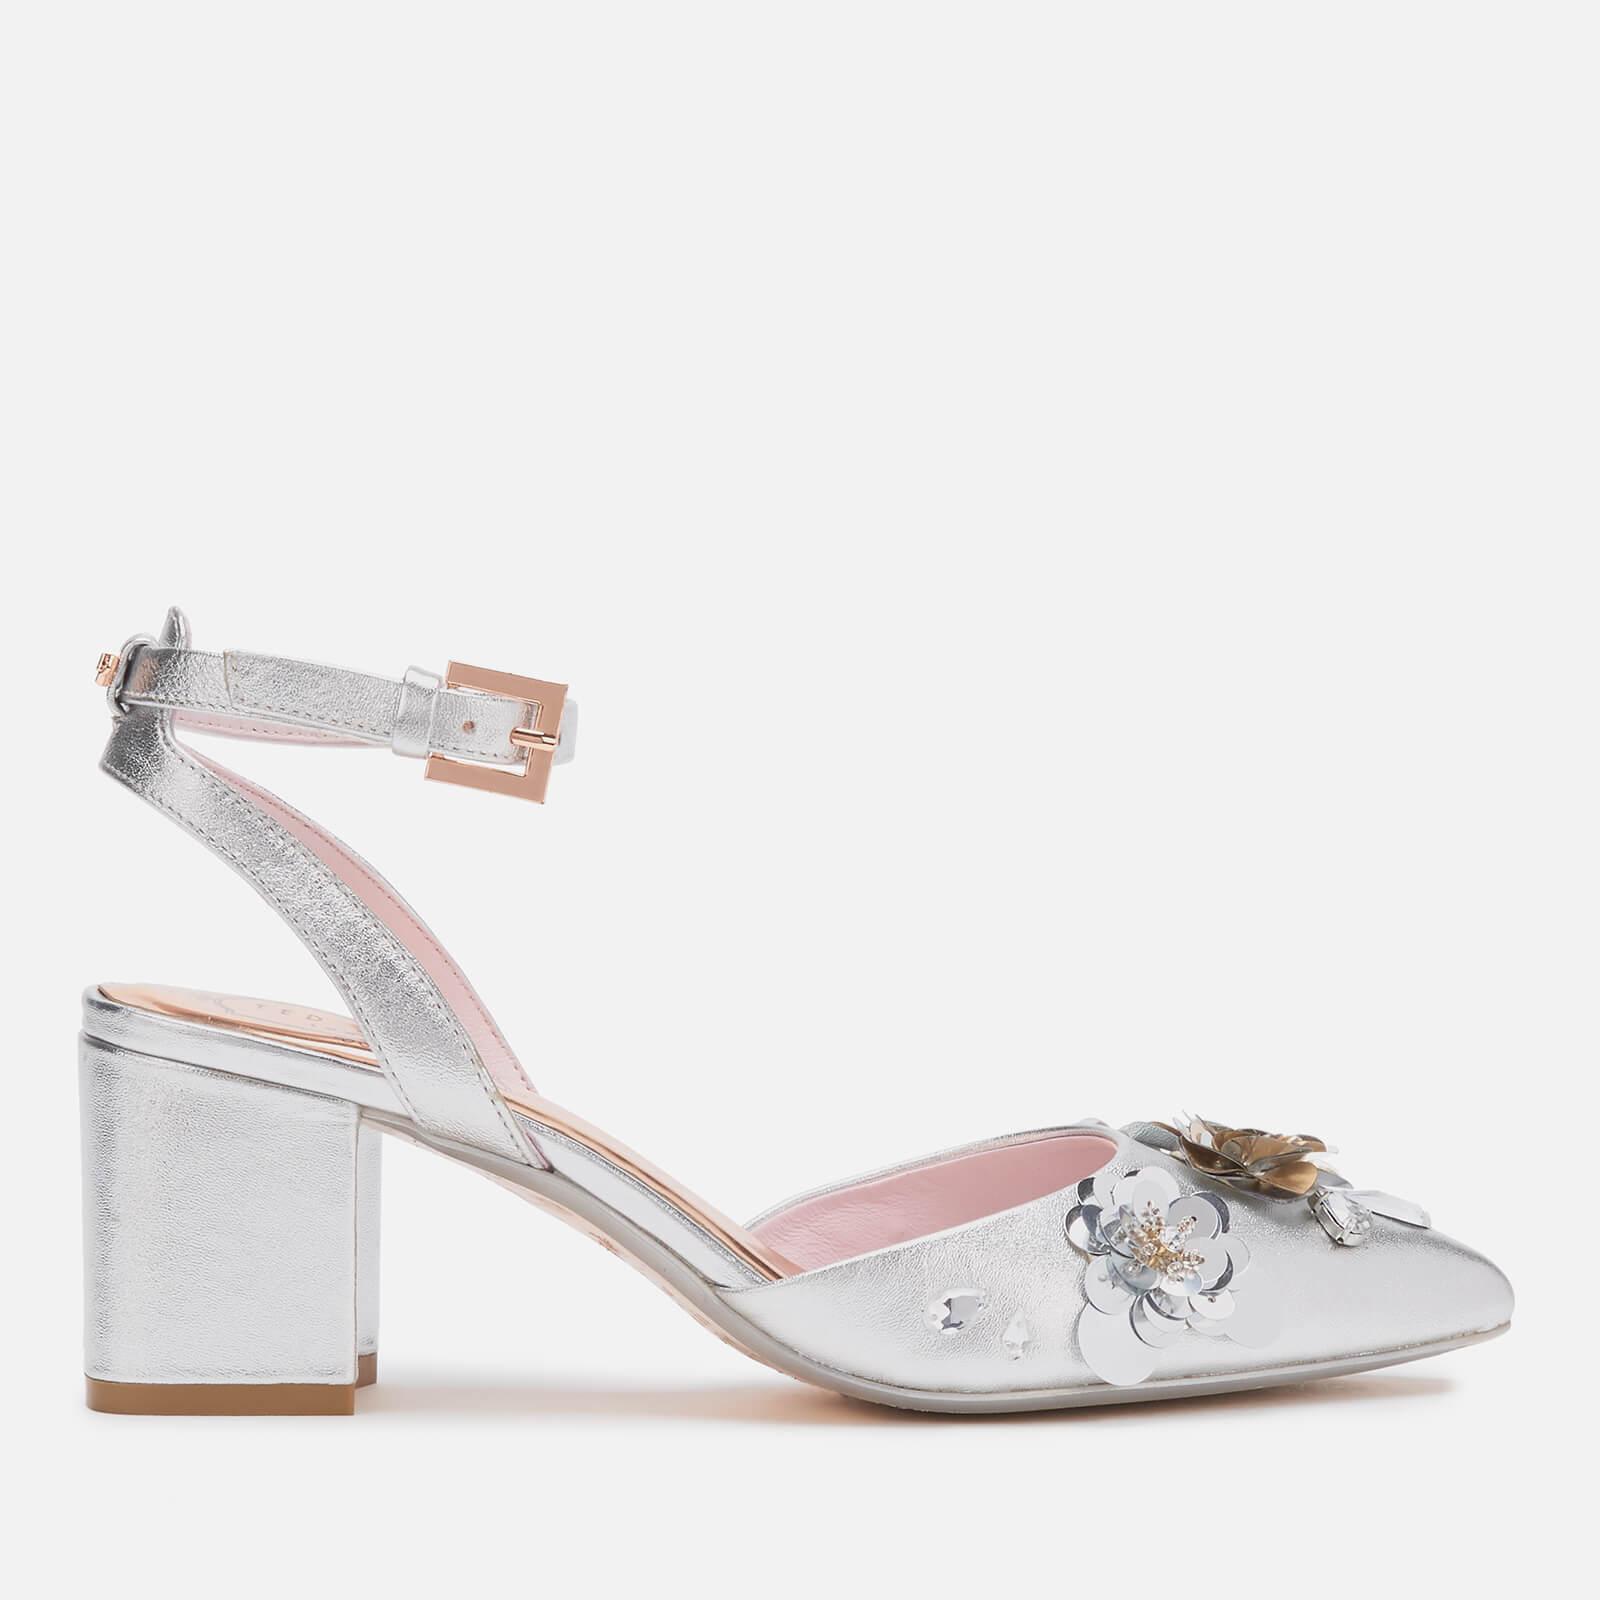 Ted Baker Women's Odesca Floral Embellished Block Heeled Sandals - Silver - UK 8